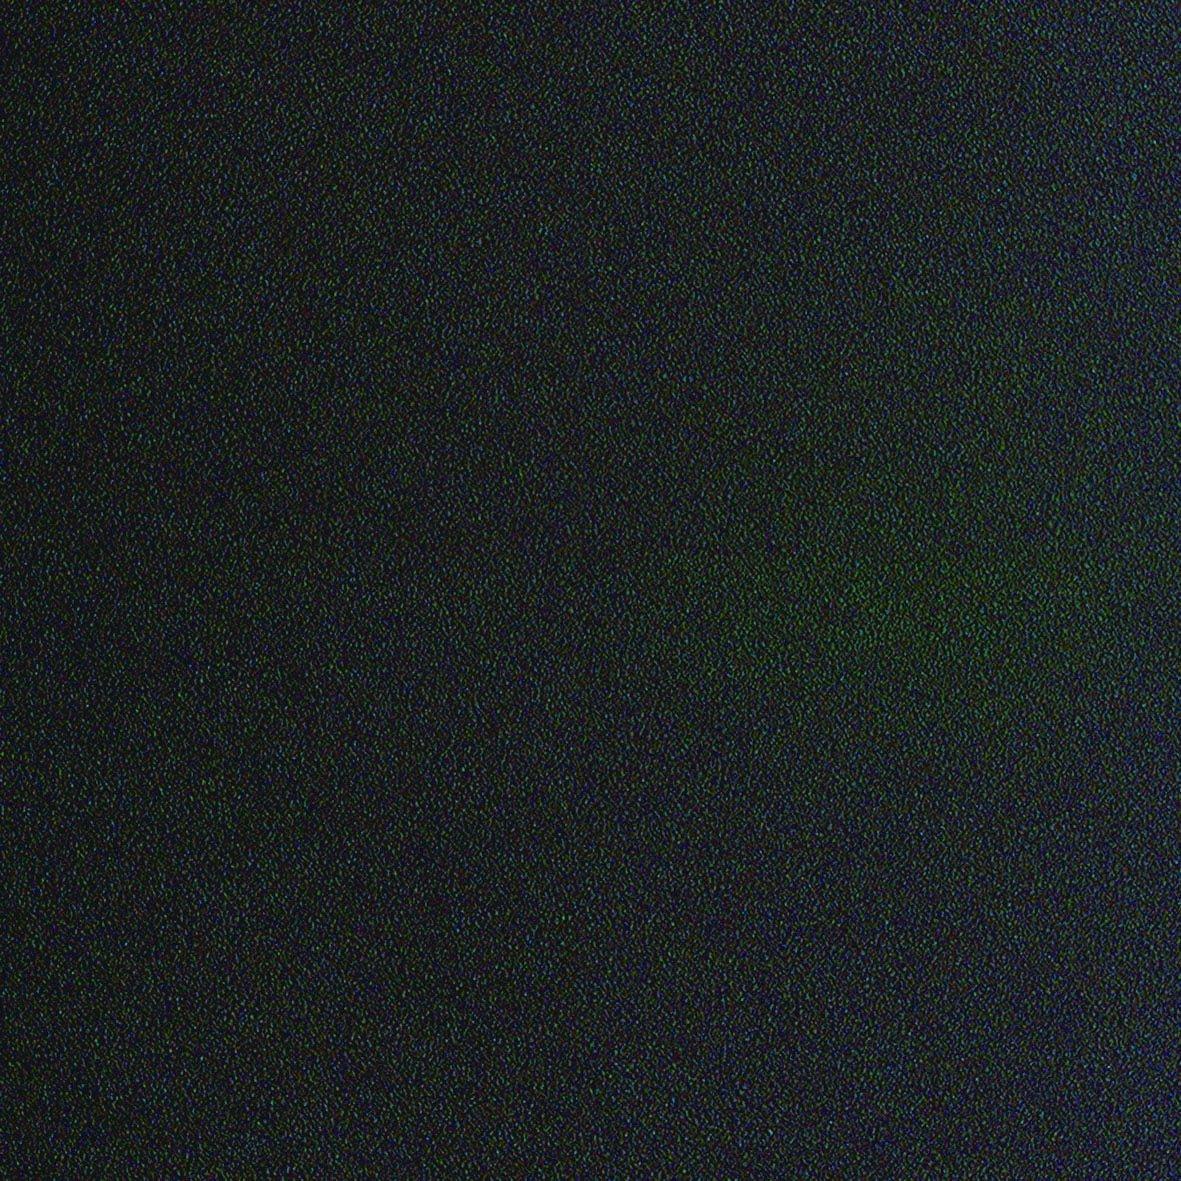 リリカラ 壁紙27m シンフル 無地 ブラック LL-8847 B01N020ZJ7 27m|ブラック